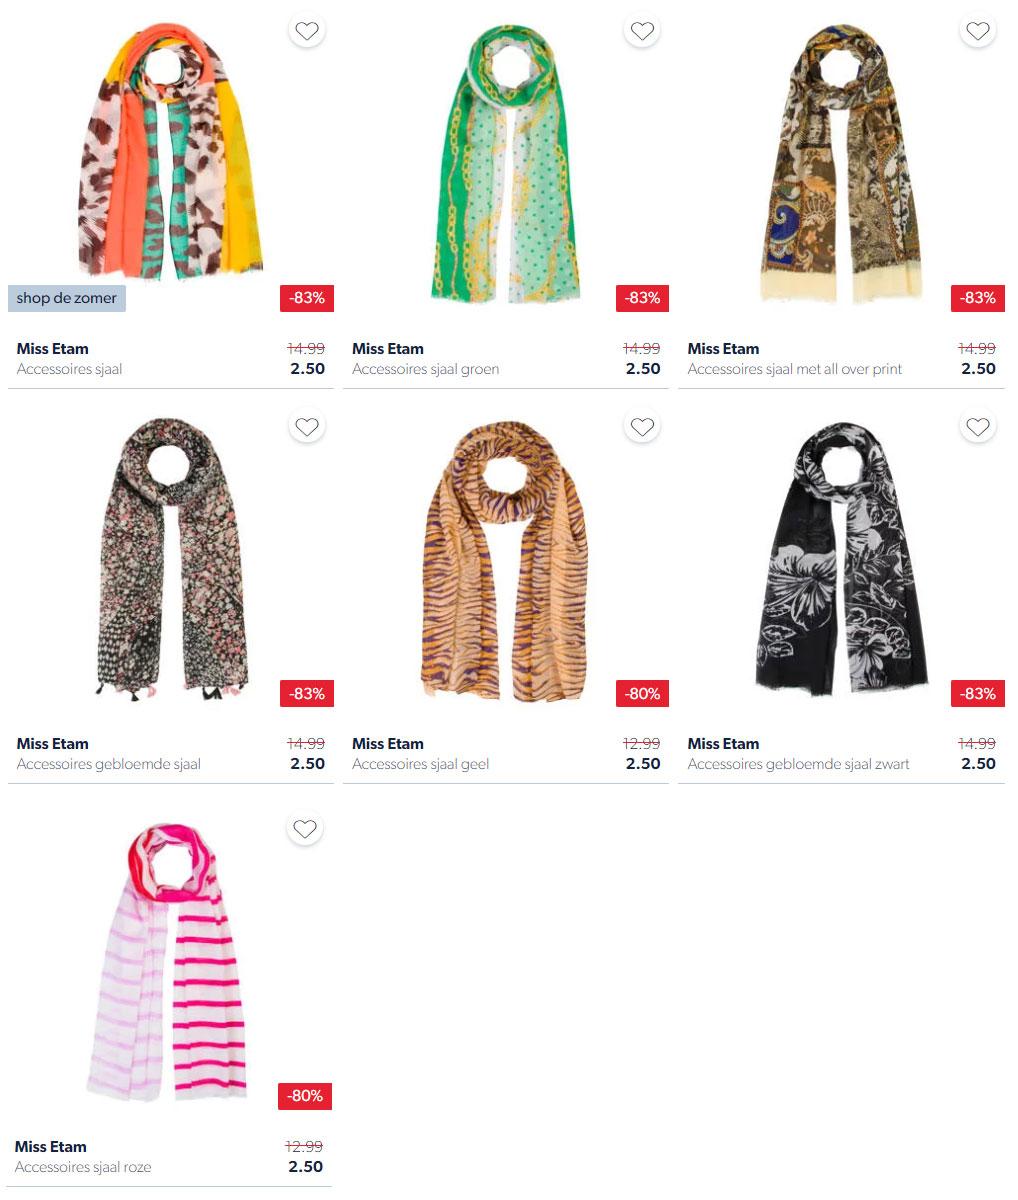 Miss Etam sjaals (7 soorten) 80-83% korting @ Wehkamp